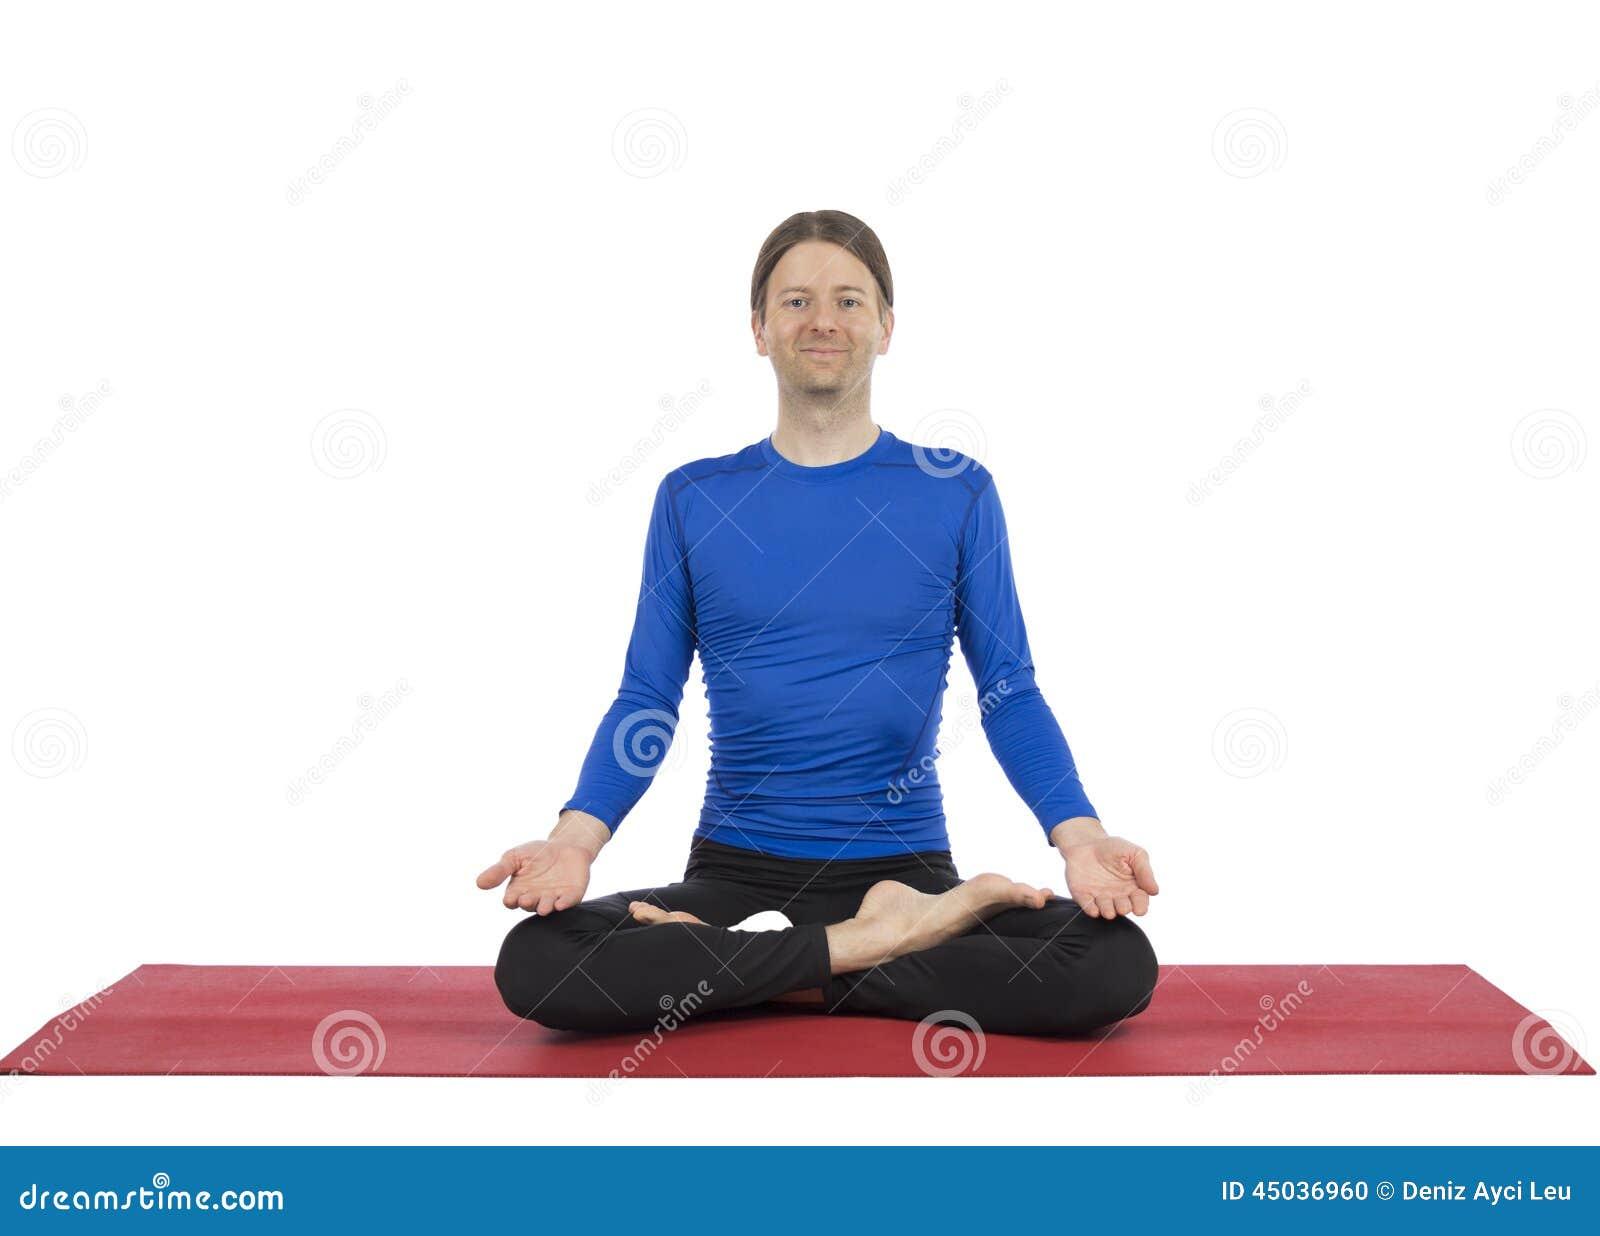 Mannen, i placerat, poserar i yoga